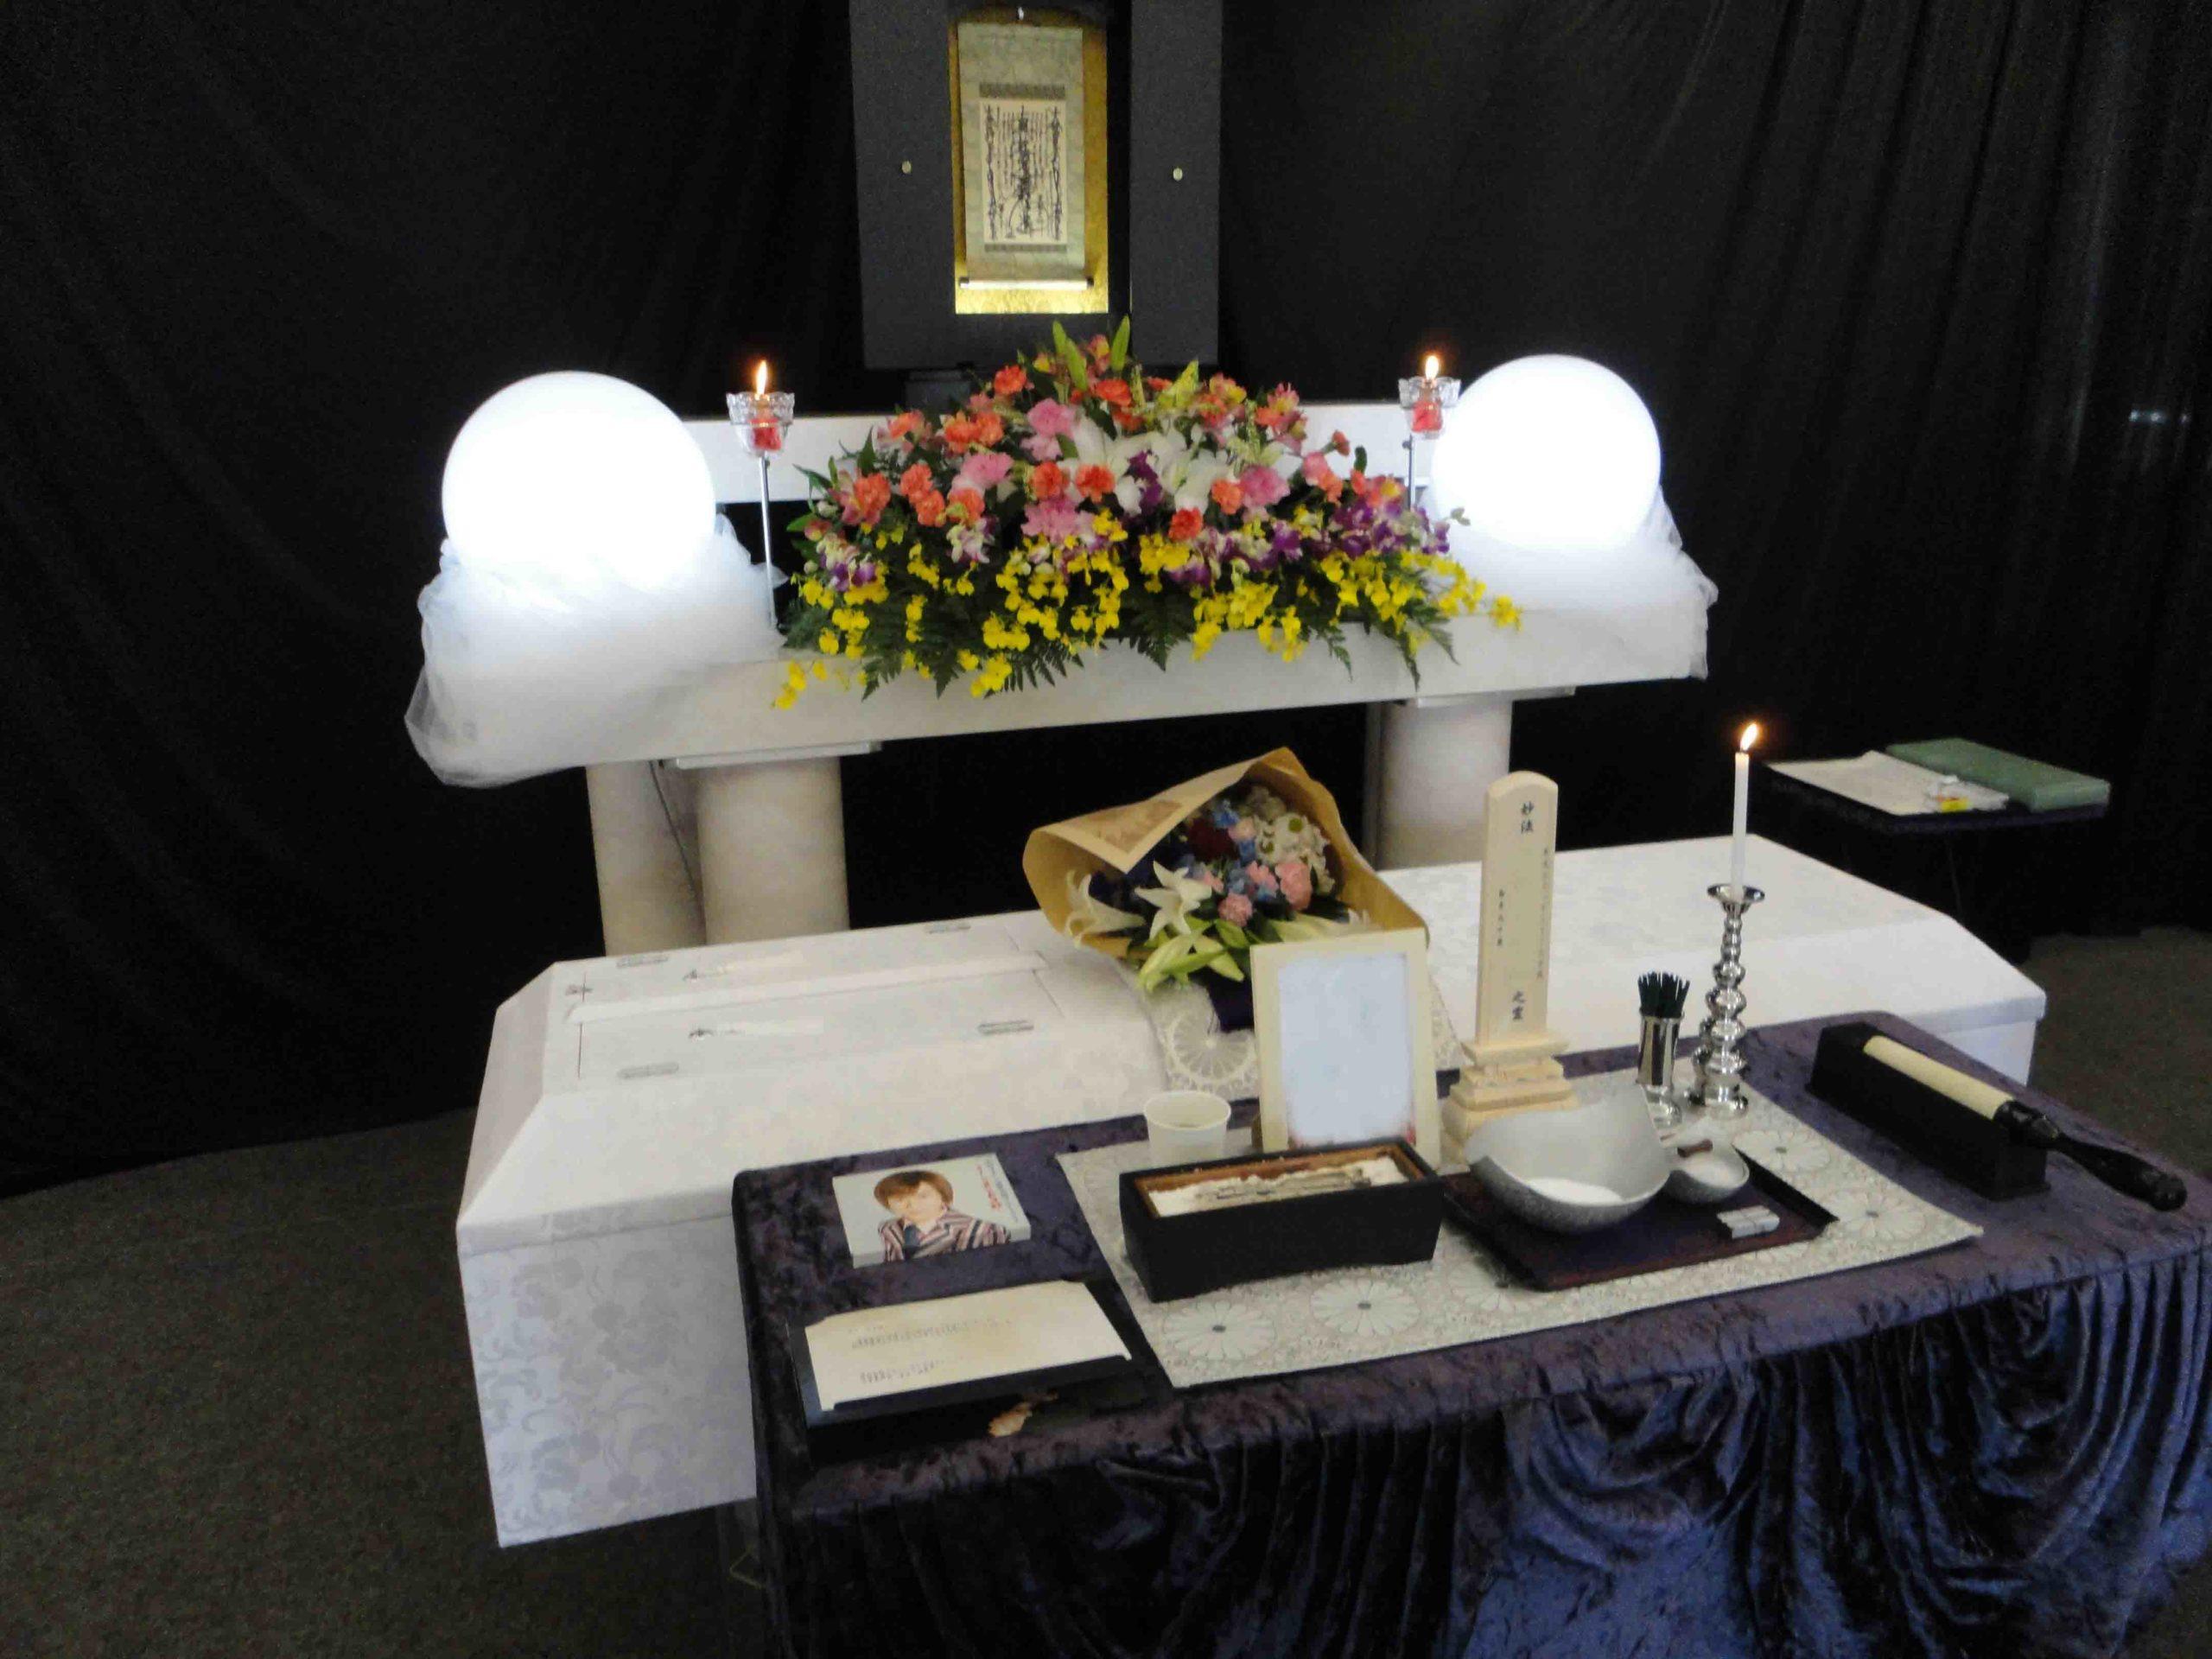 福祉葬での創価学会 友人葬での葬儀風景